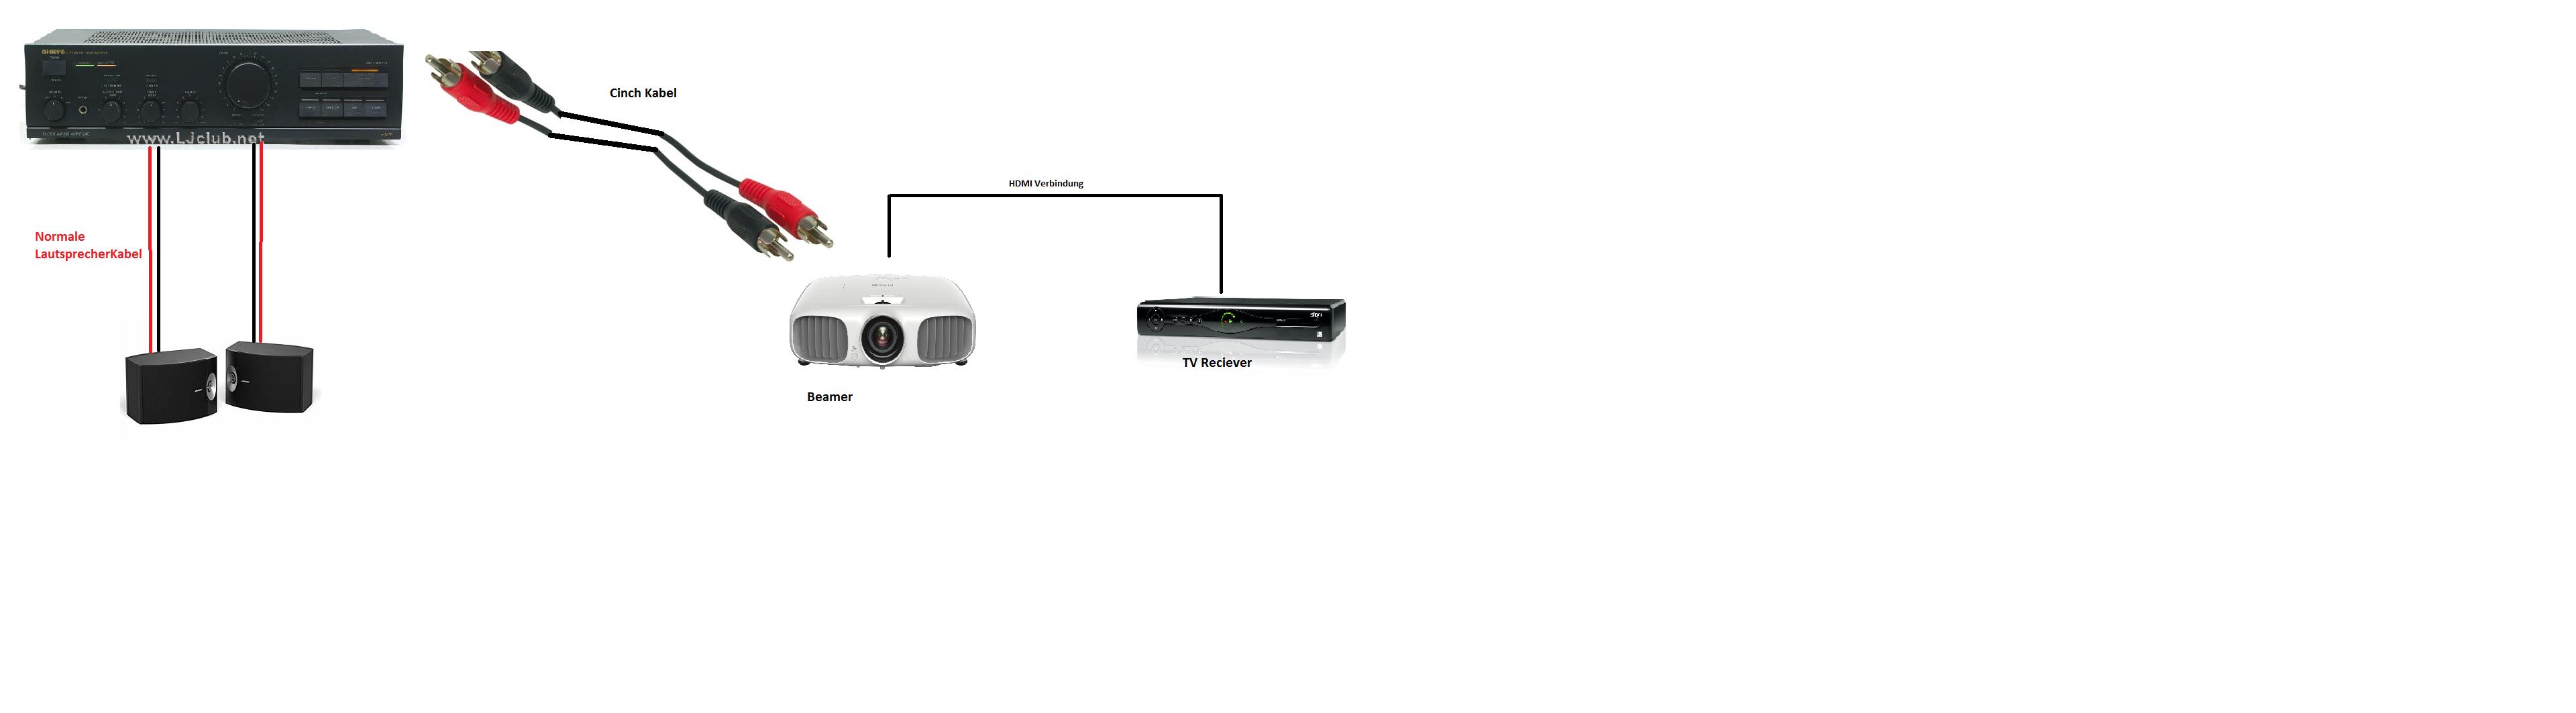 Stereo Lautsprecher an Beamer anschließen. (HiFi)